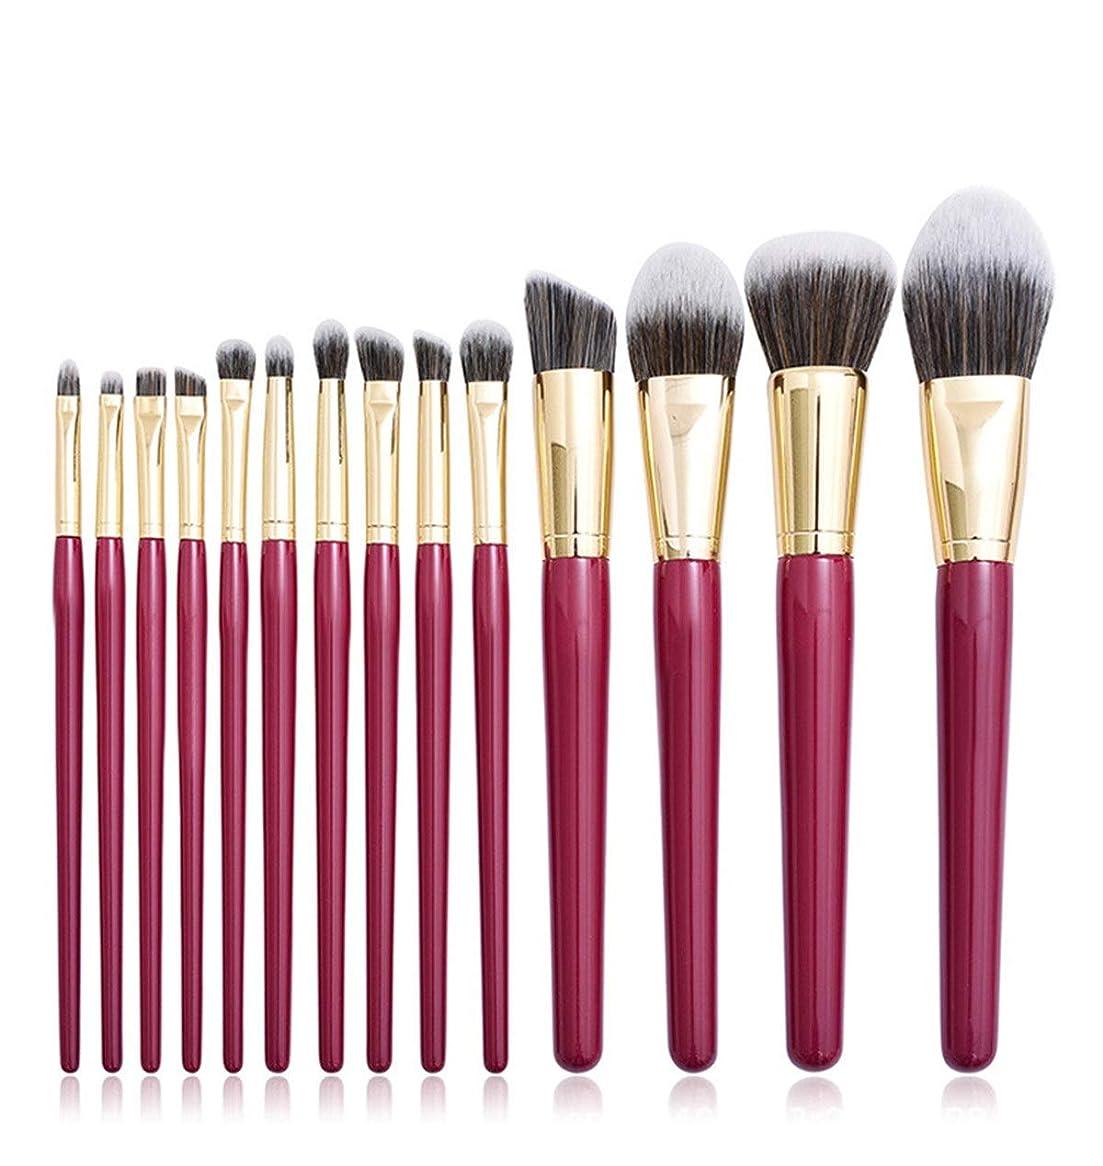 ラリーベルモントアイデア廃止するZbratta 化粧筆15化粧筆高品質レーヨン毛が落ちにくく、色が柔らかく、肌触りが快適で化粧効果が絶妙です。 売り上げ後の専門家